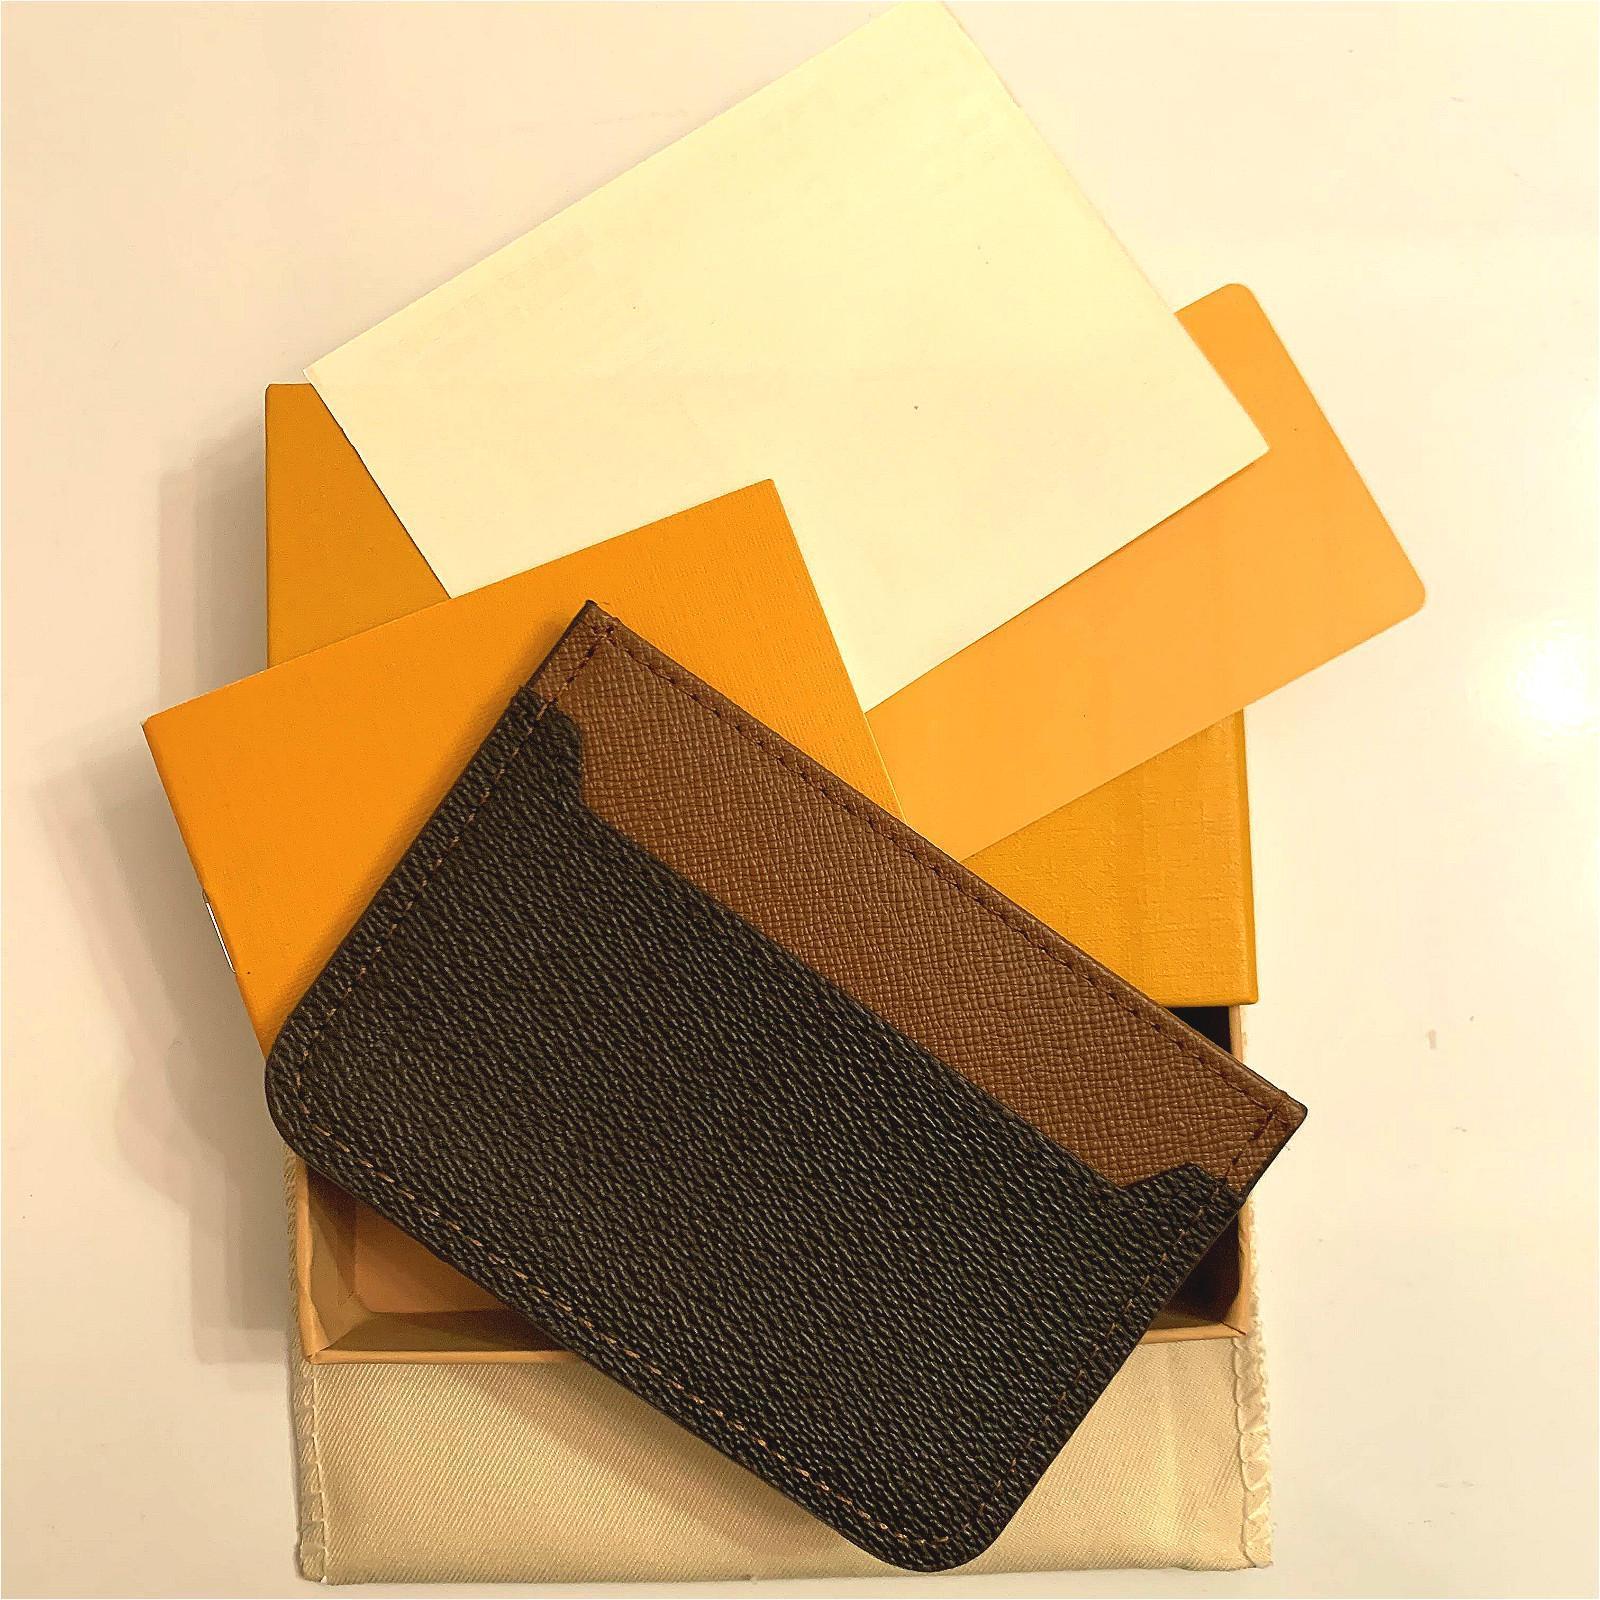 Titulaire de carte de designer Hommes détenteurs de cartes Femme Black Lambskin Mini portefeuilles Porte-monnaie Pochette Poche intérieure Slot Poche Véritable Porte-monnaie en cuir véritable